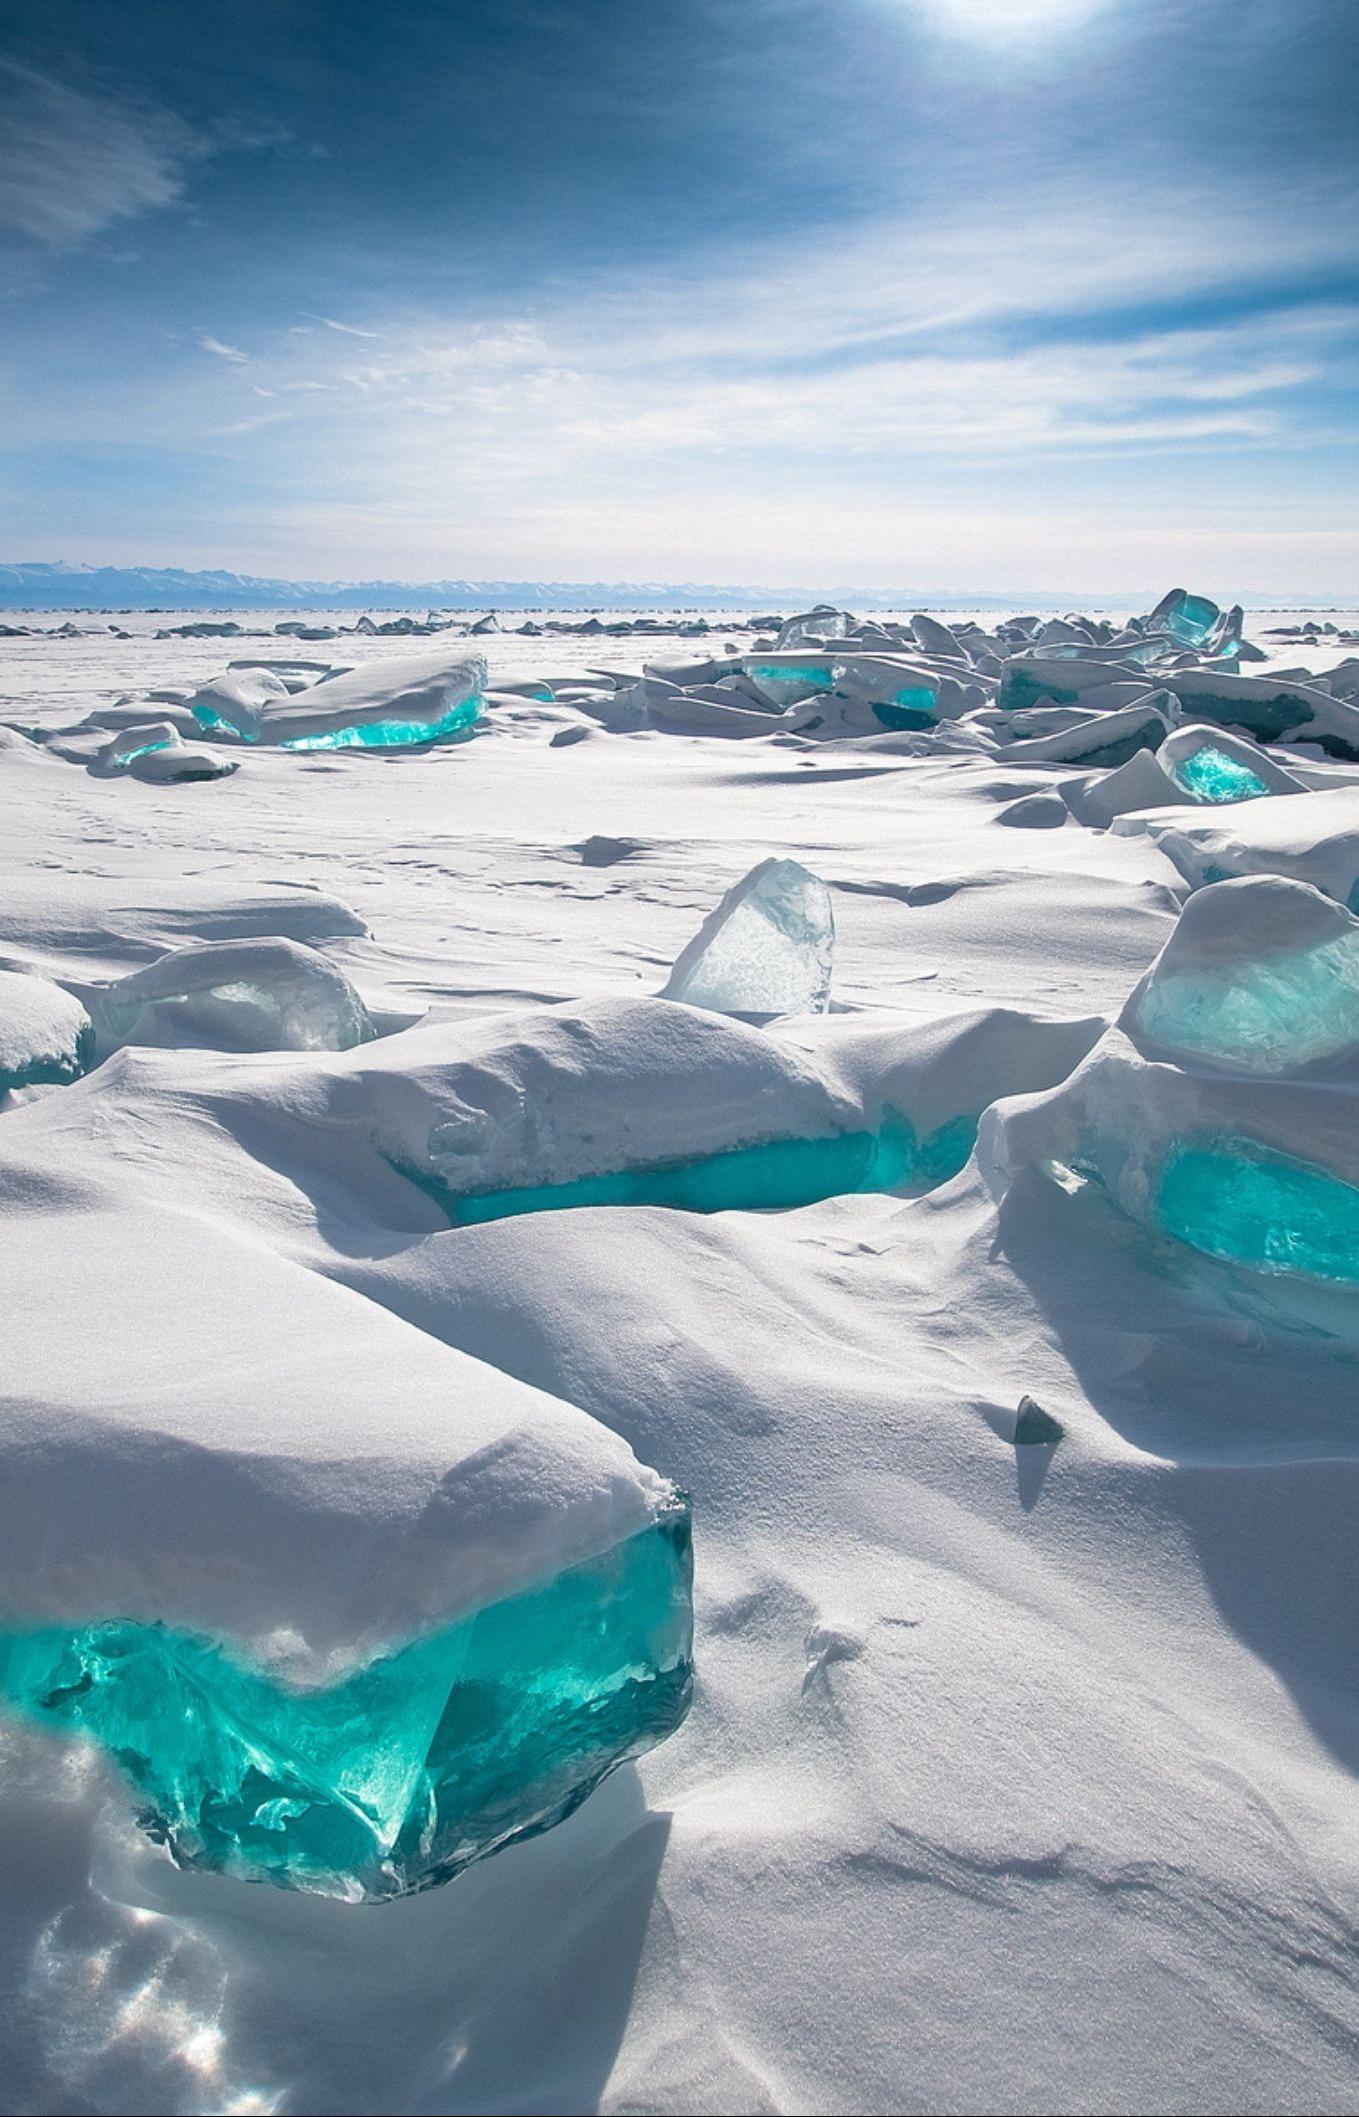 Байкалу угрожает новая экологическая катастрофа